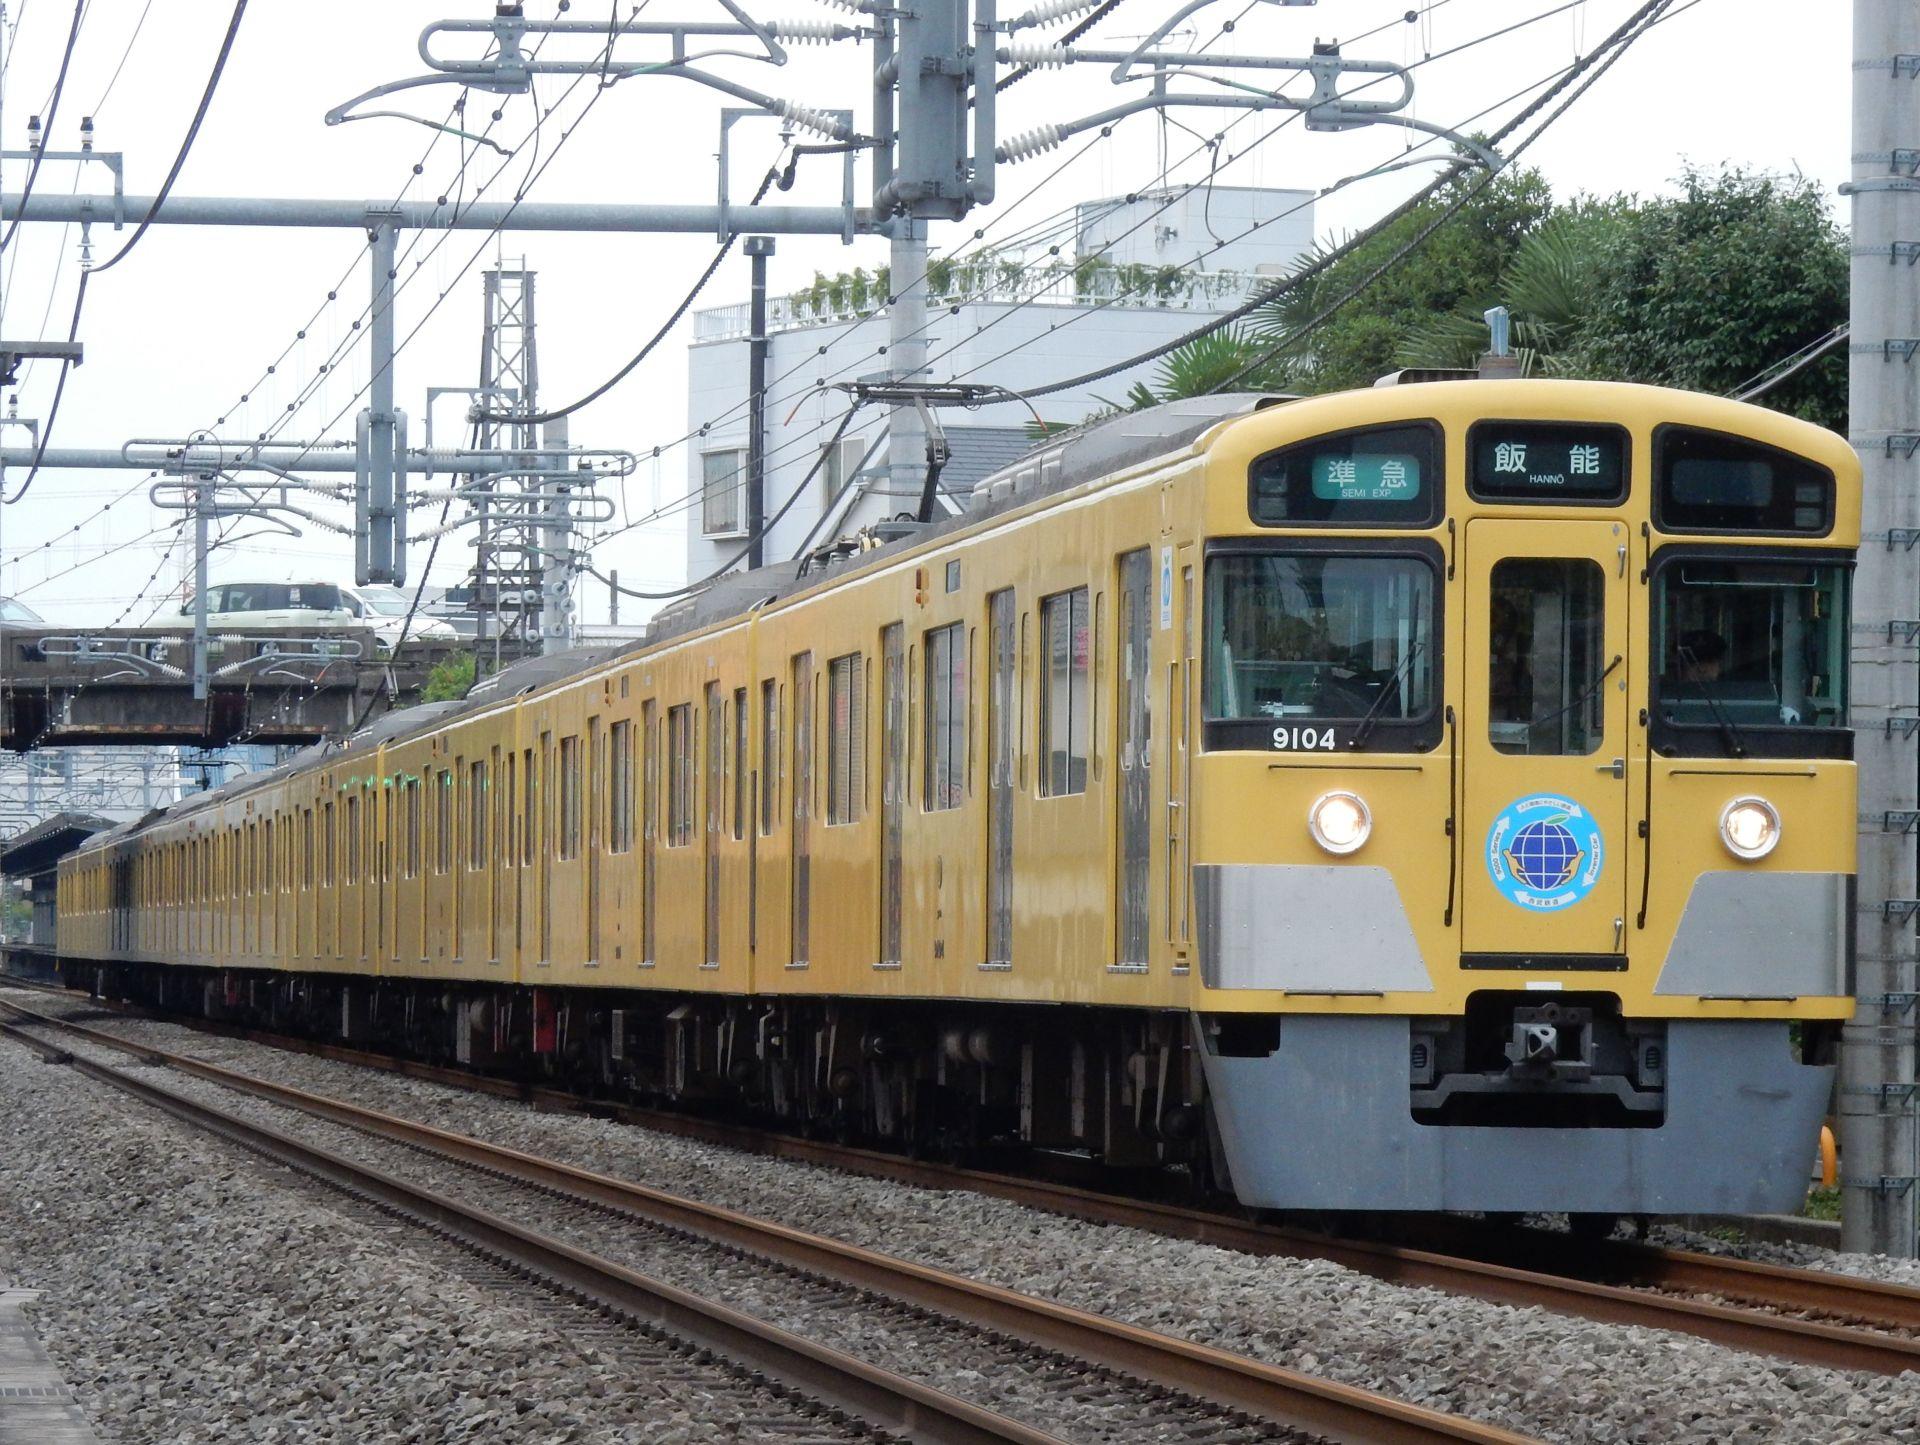 DSCN0989 - コピー